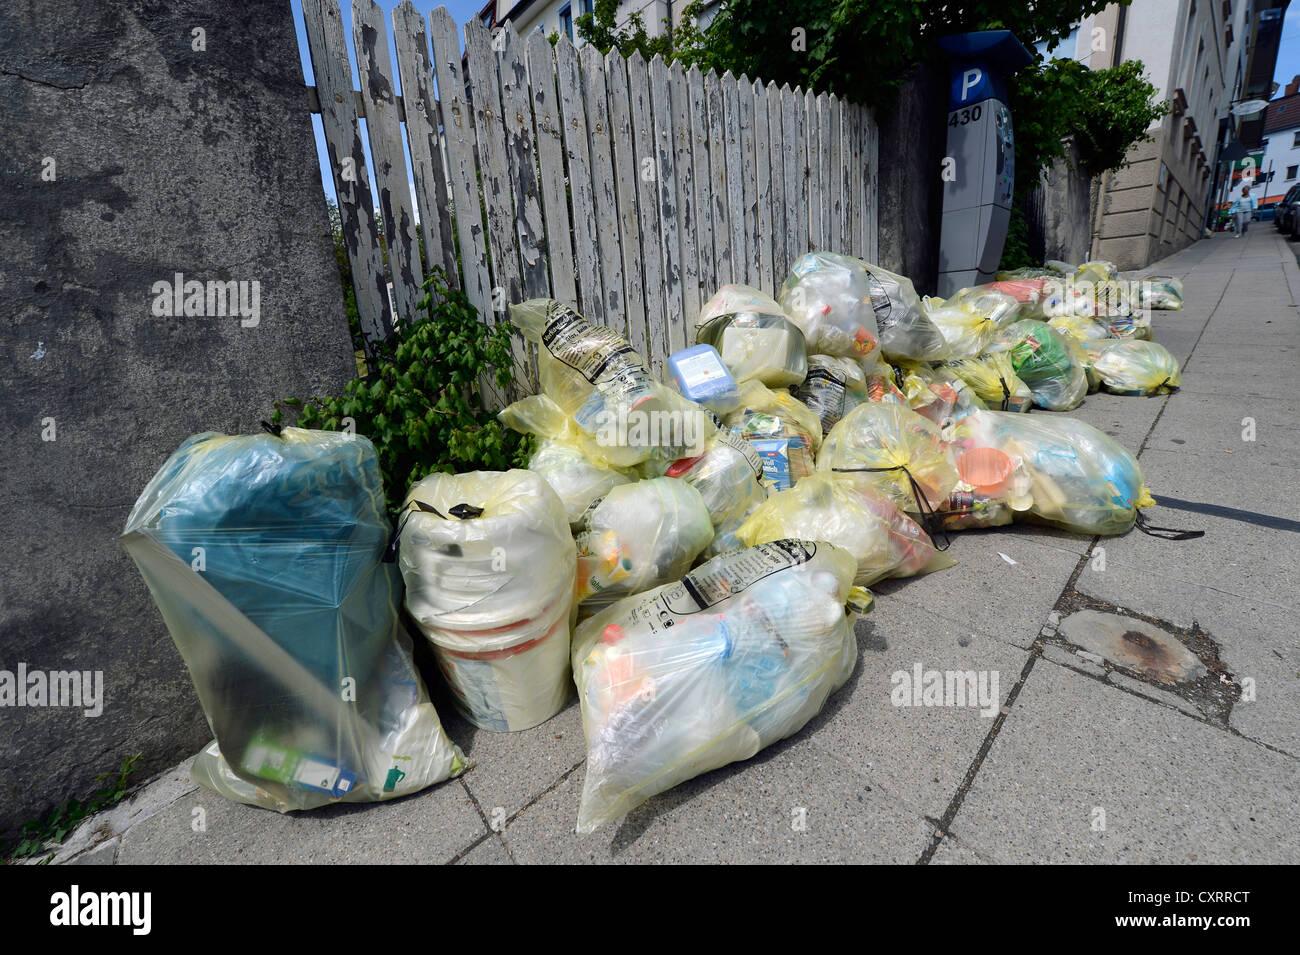 Les sacs jaunes pour la collecte des emballages recyclables, Stuttgart, Bade-Wurtemberg, Allemagne, Europe Photo Stock